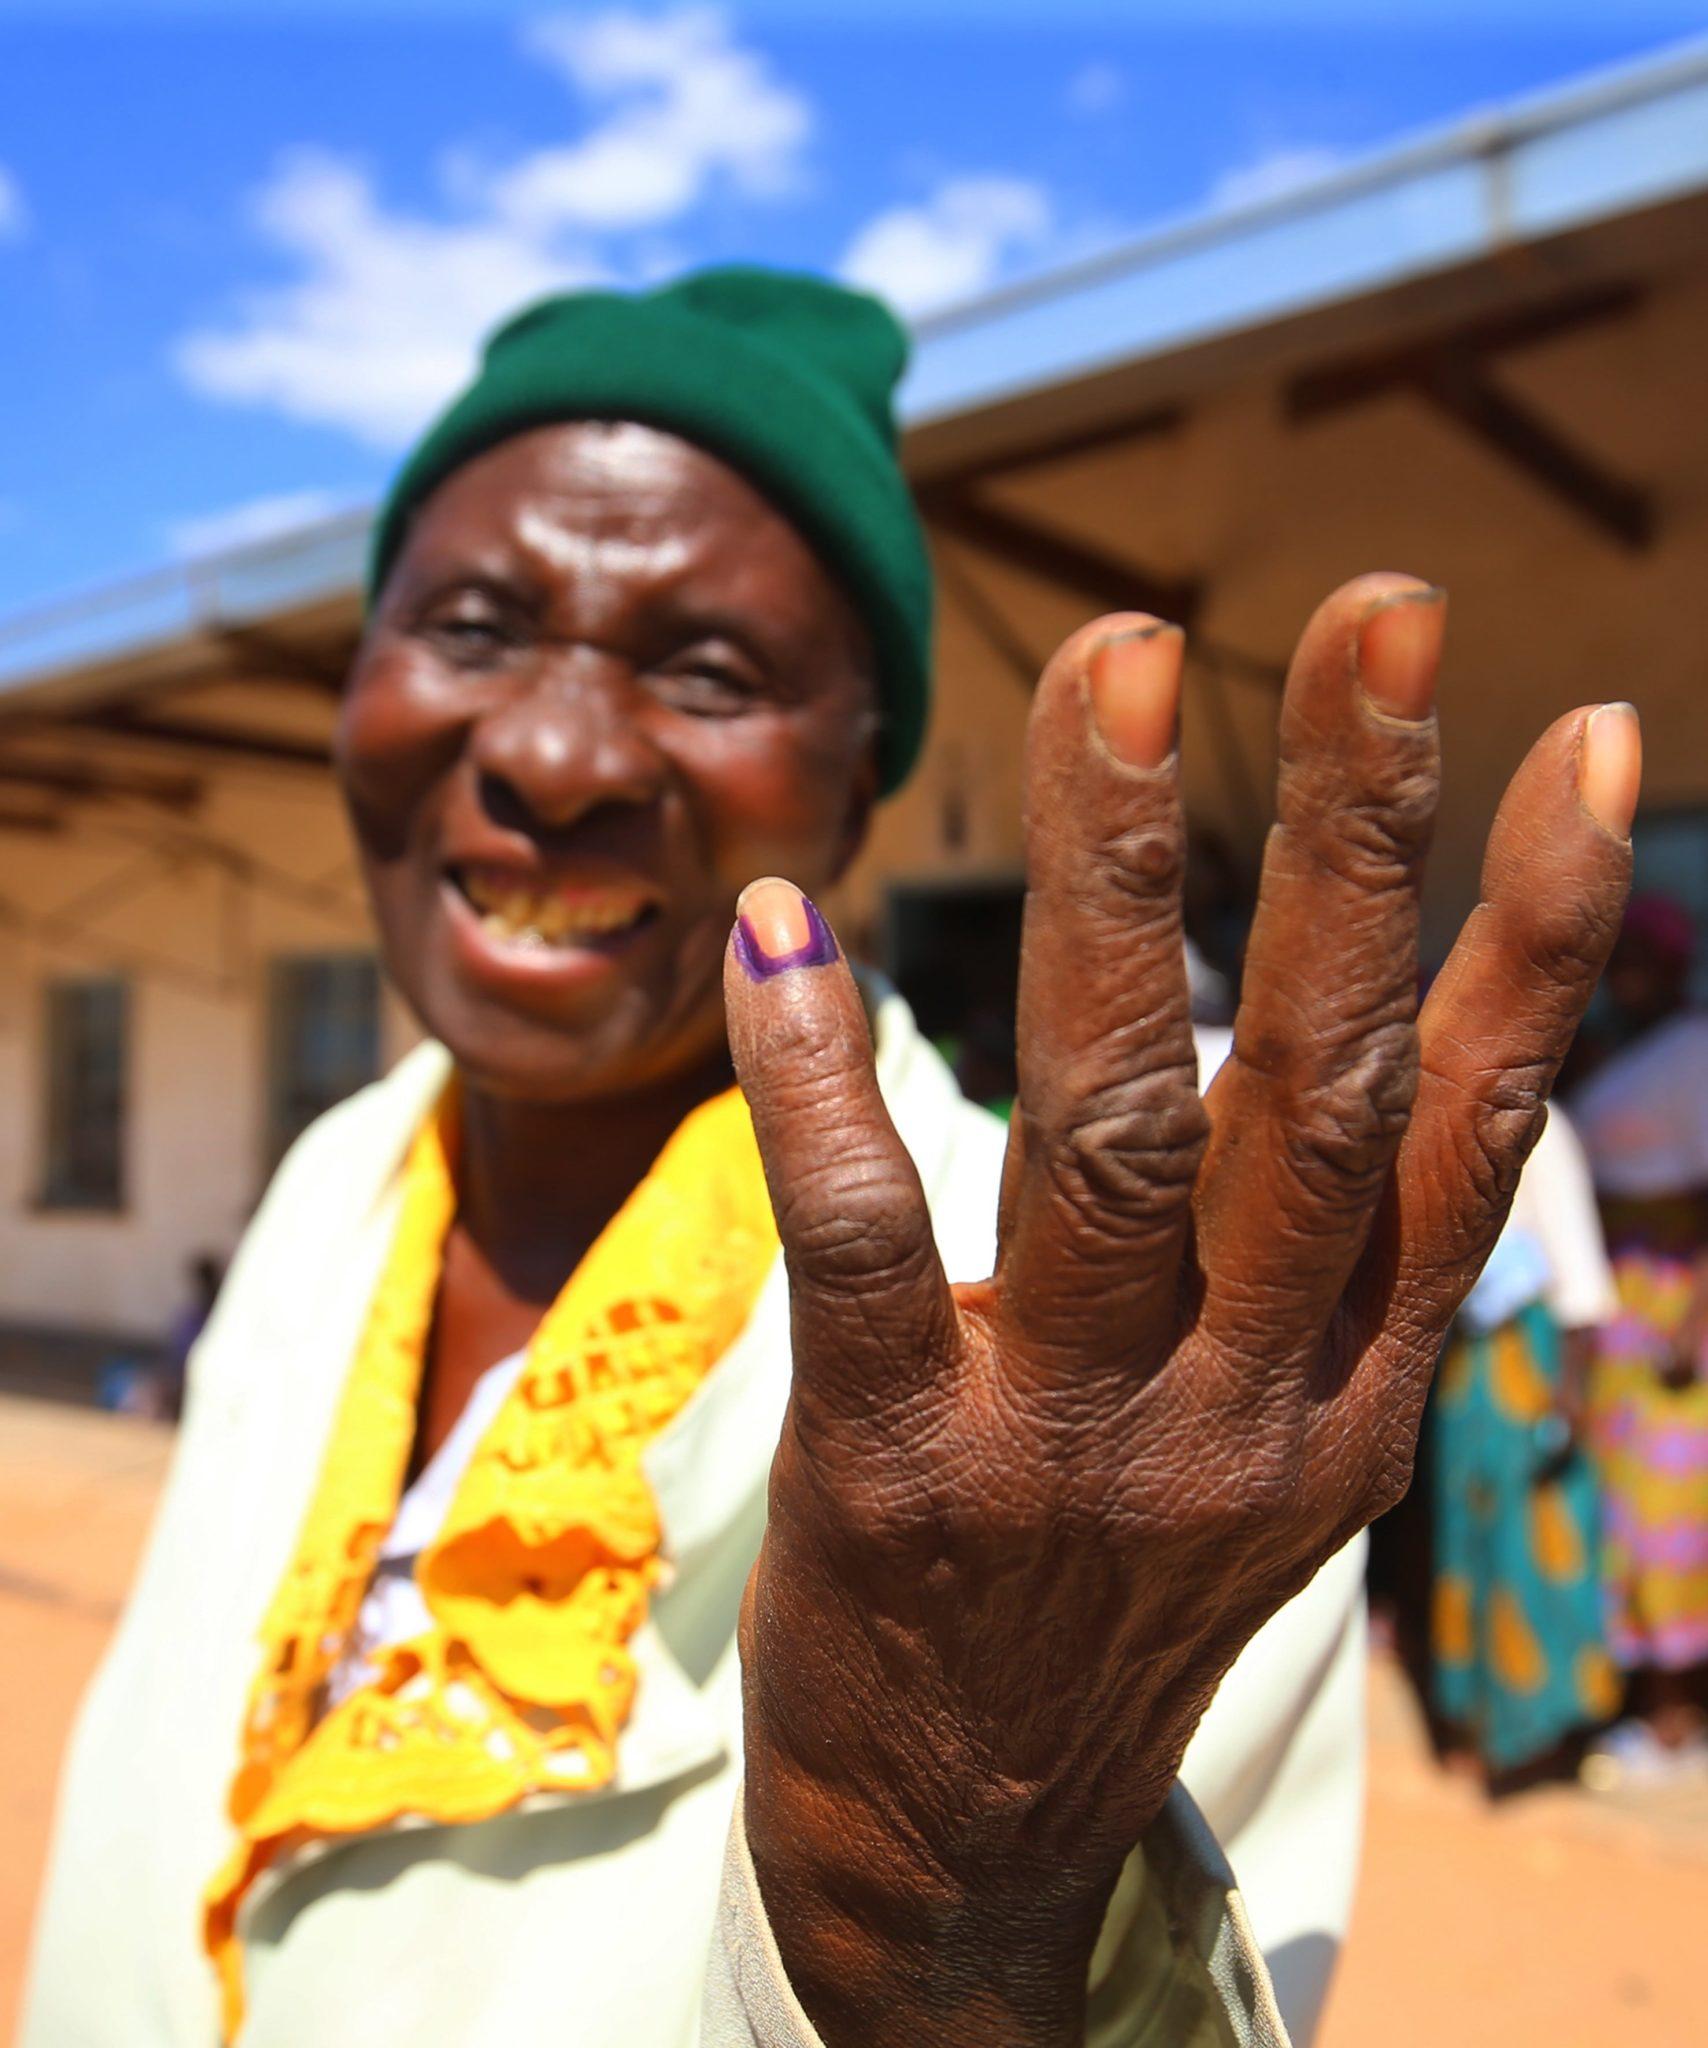 Starsza kobieta pokazuje, że jej mały palec jest oznaczony markerem atramentu po tym, jak oddała swój głos w wyborach, fot. Aaron Ufumeli, PAP/EPA // W Zimbabwe zakończyły się w poniedziałek wybory prezydenckie i parlamentarne, pierwsze po odsunięciu od władzy dyktatora Roberta Mugabego. To historyczne głosowanie.